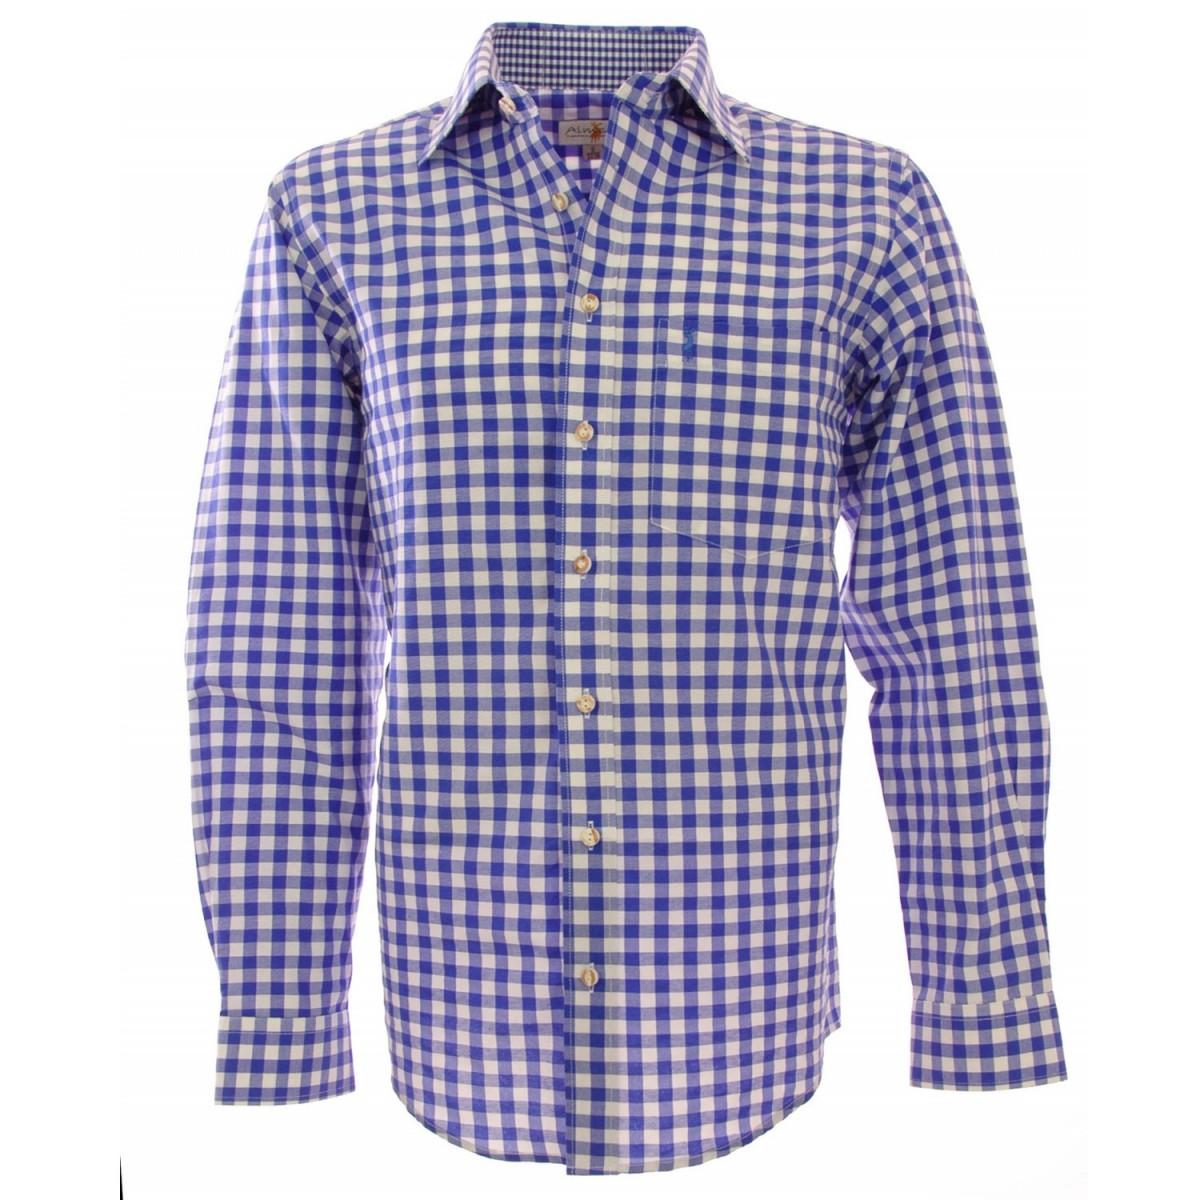 Trachtenhemd Regular Fit in Blau von Almsach günstig online kaufen